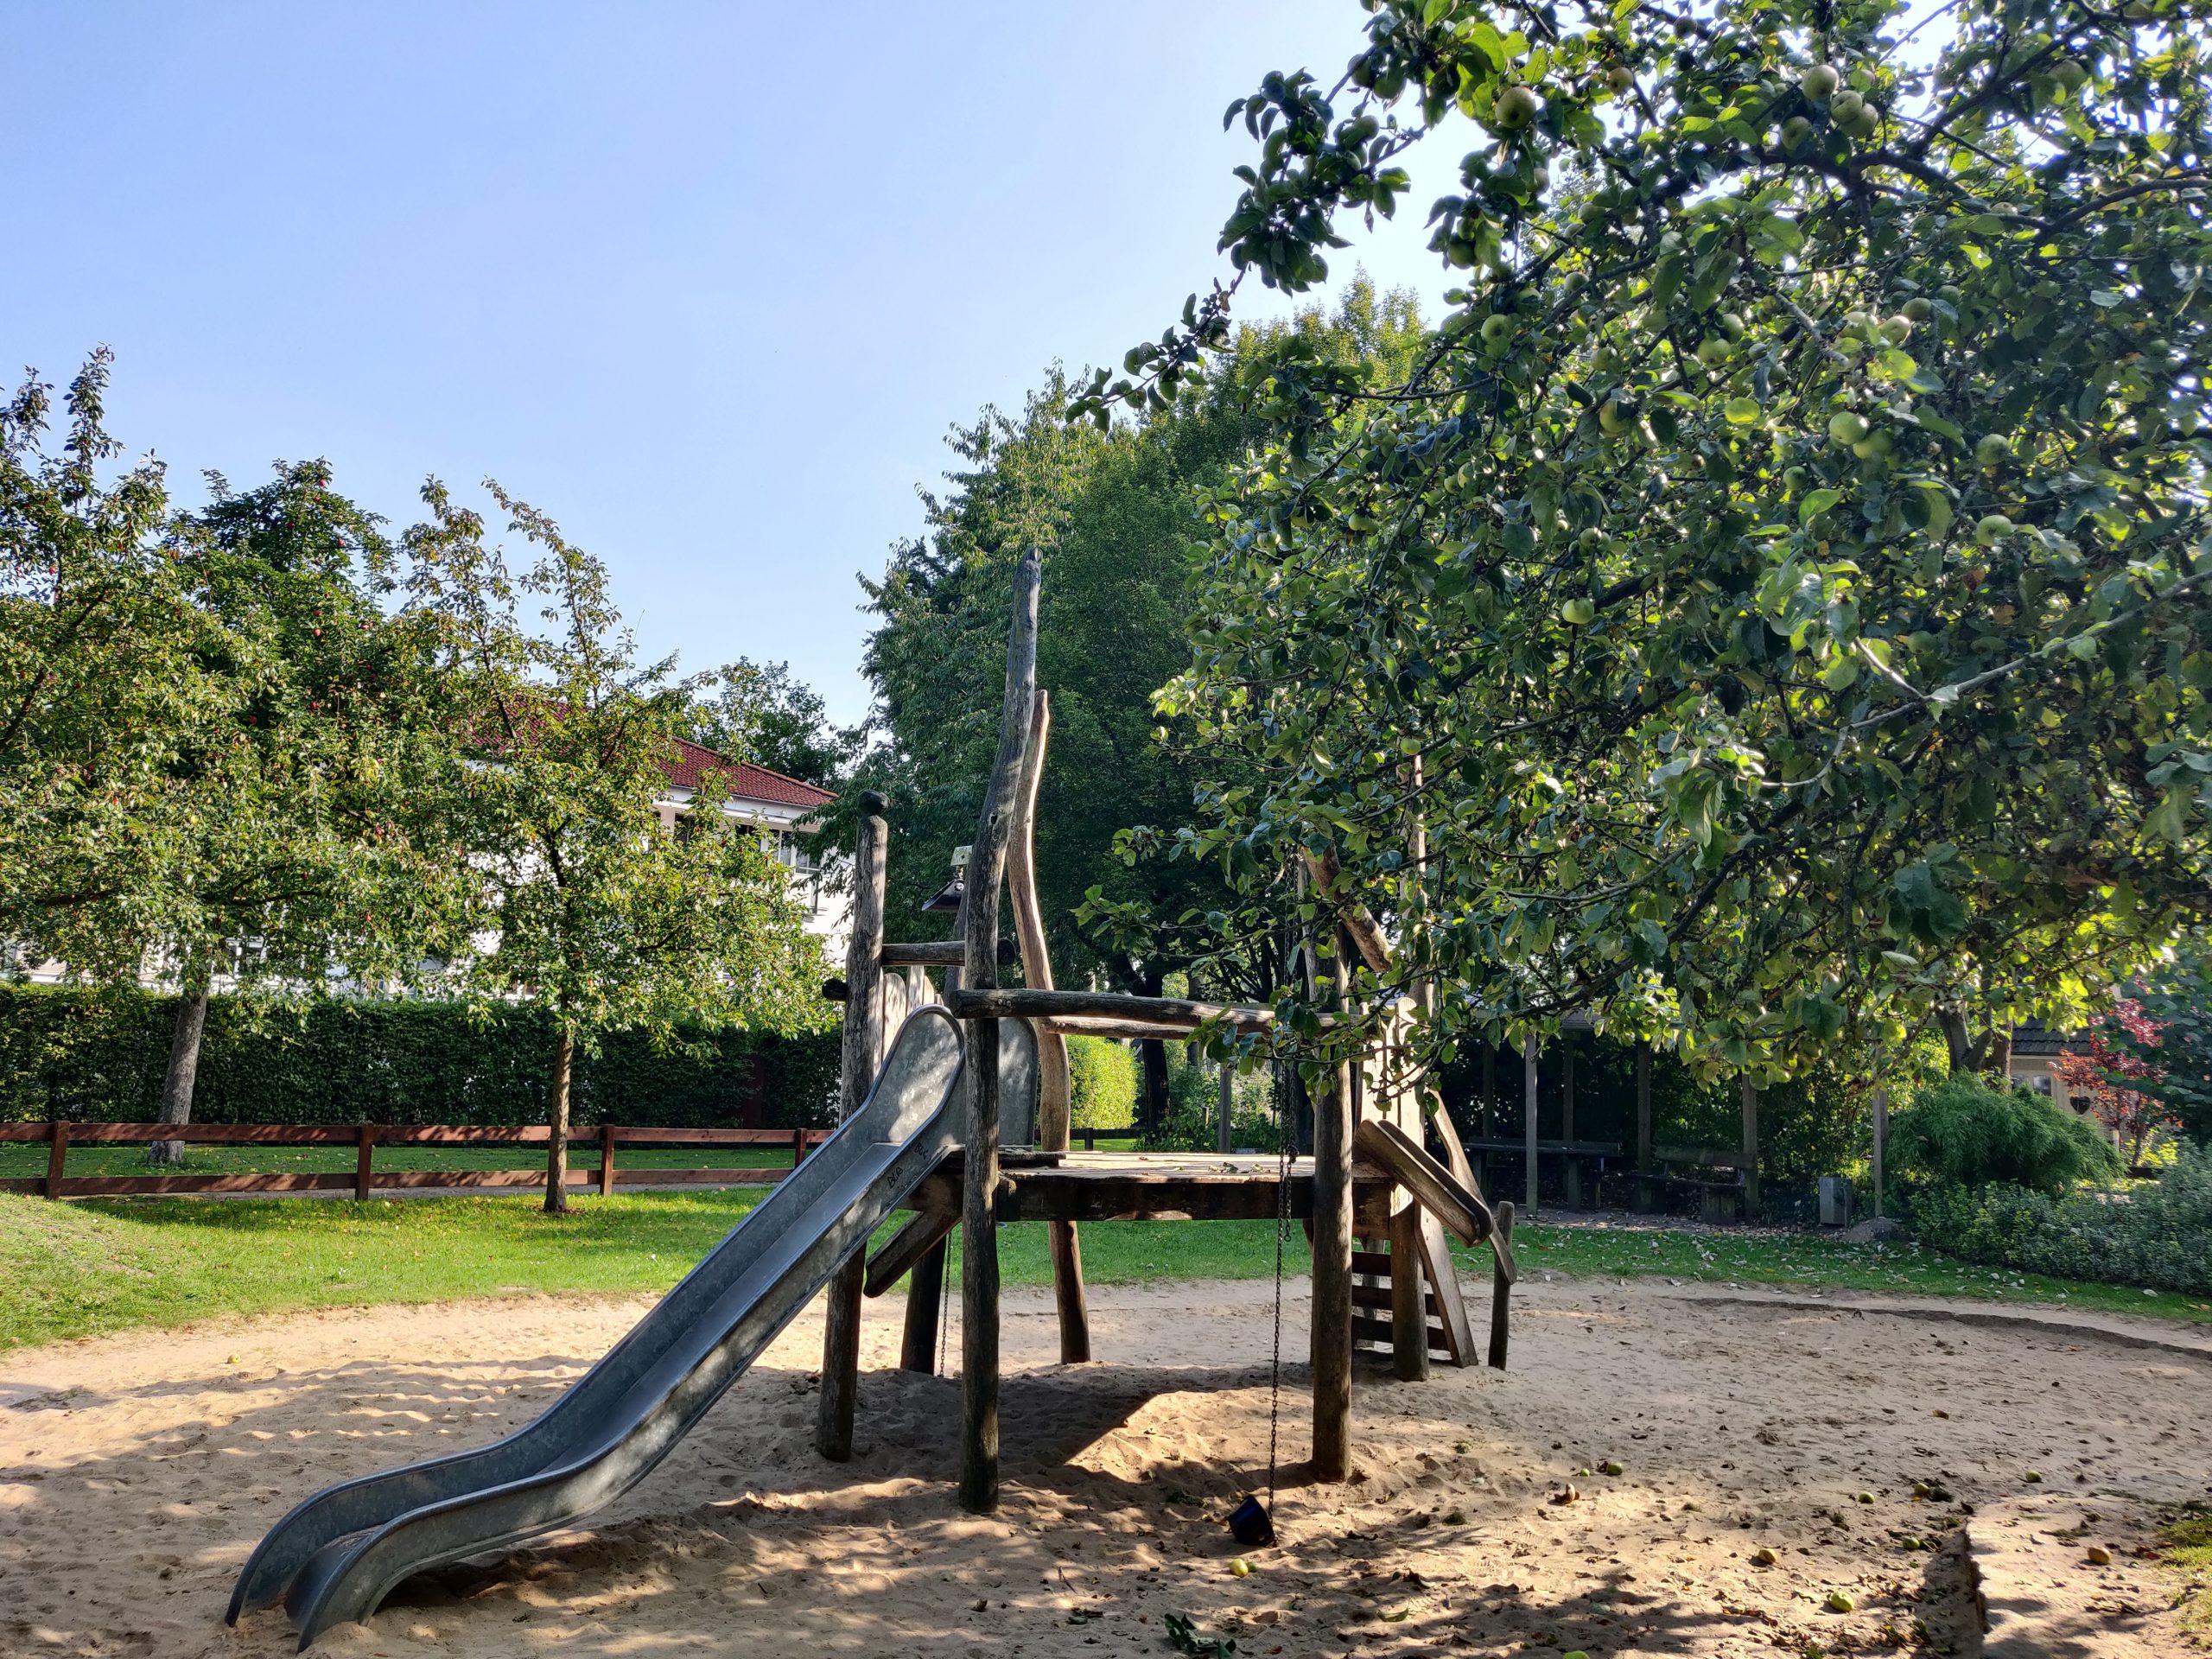 Spielplatz mit Klettergerüst und Apfelbaum